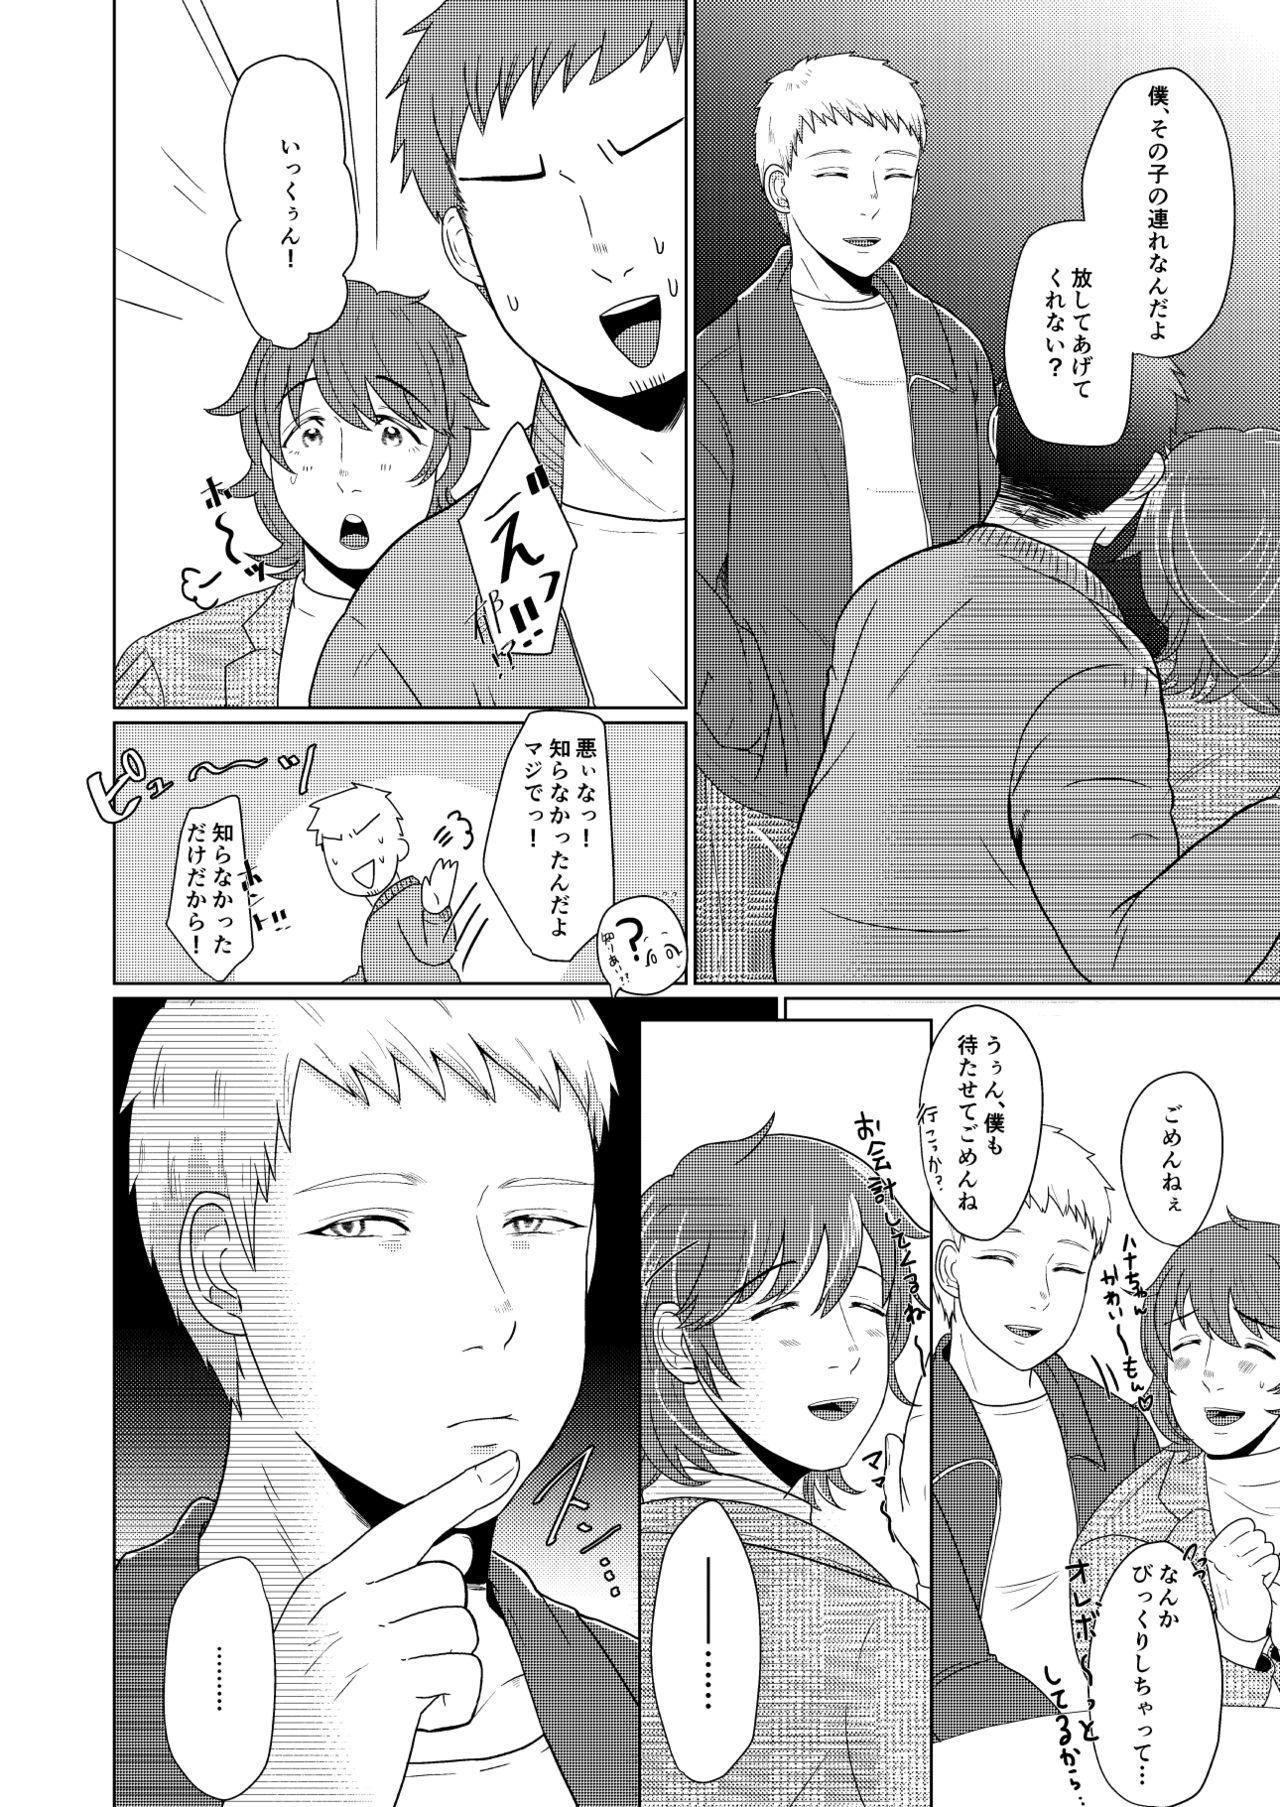 SM調教漫画⑤公開調編+α 16